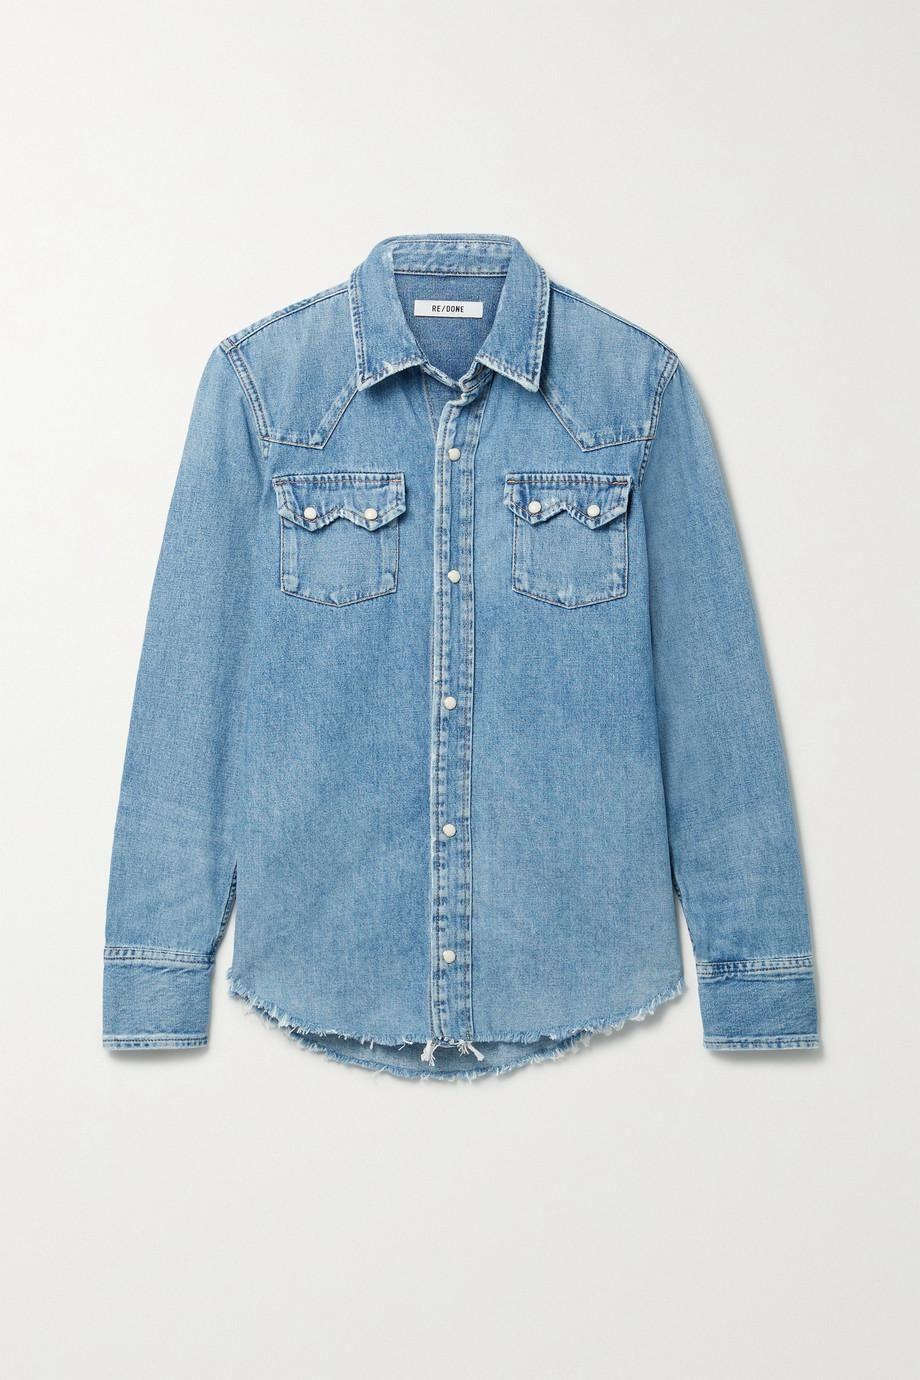 50s Frayed Denim Shirt